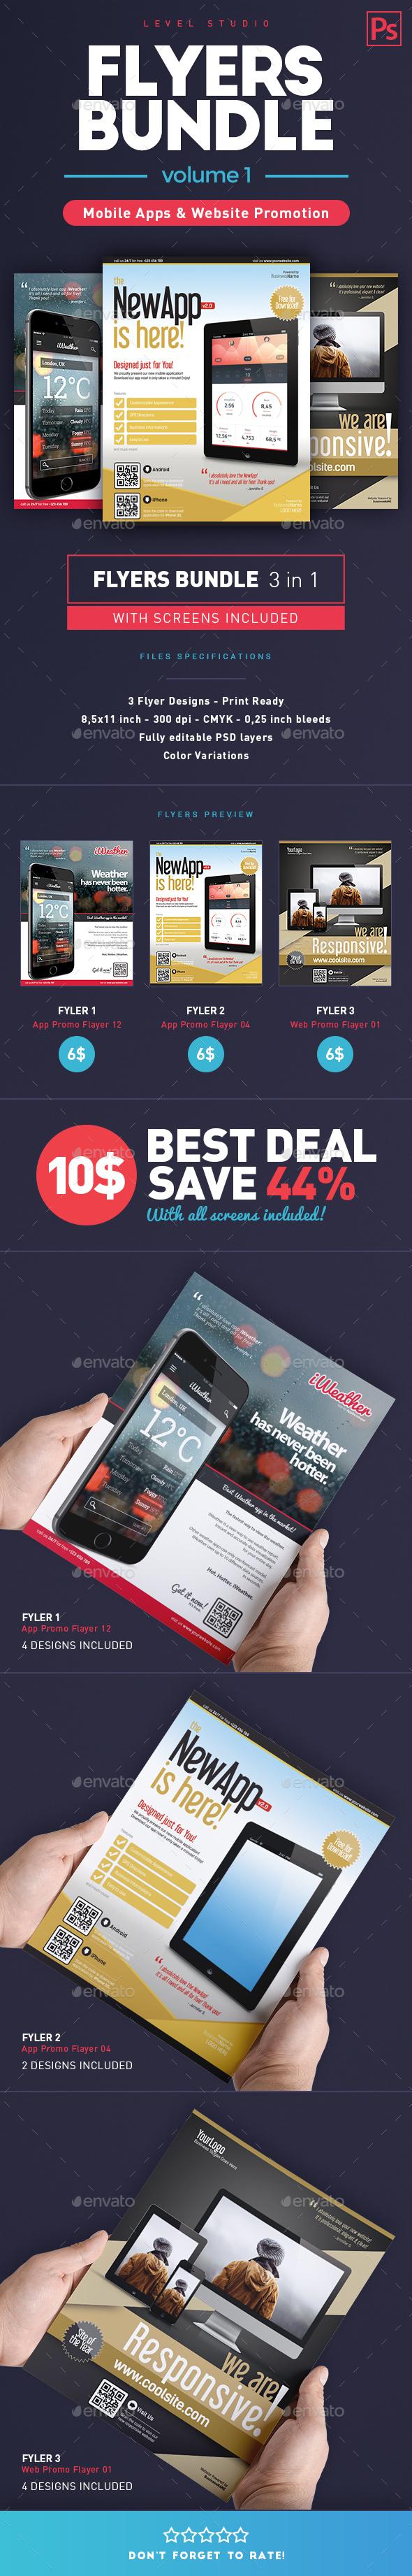 Bundle Flyers App & Web Promo (vol. 1) - Commerce Flyers